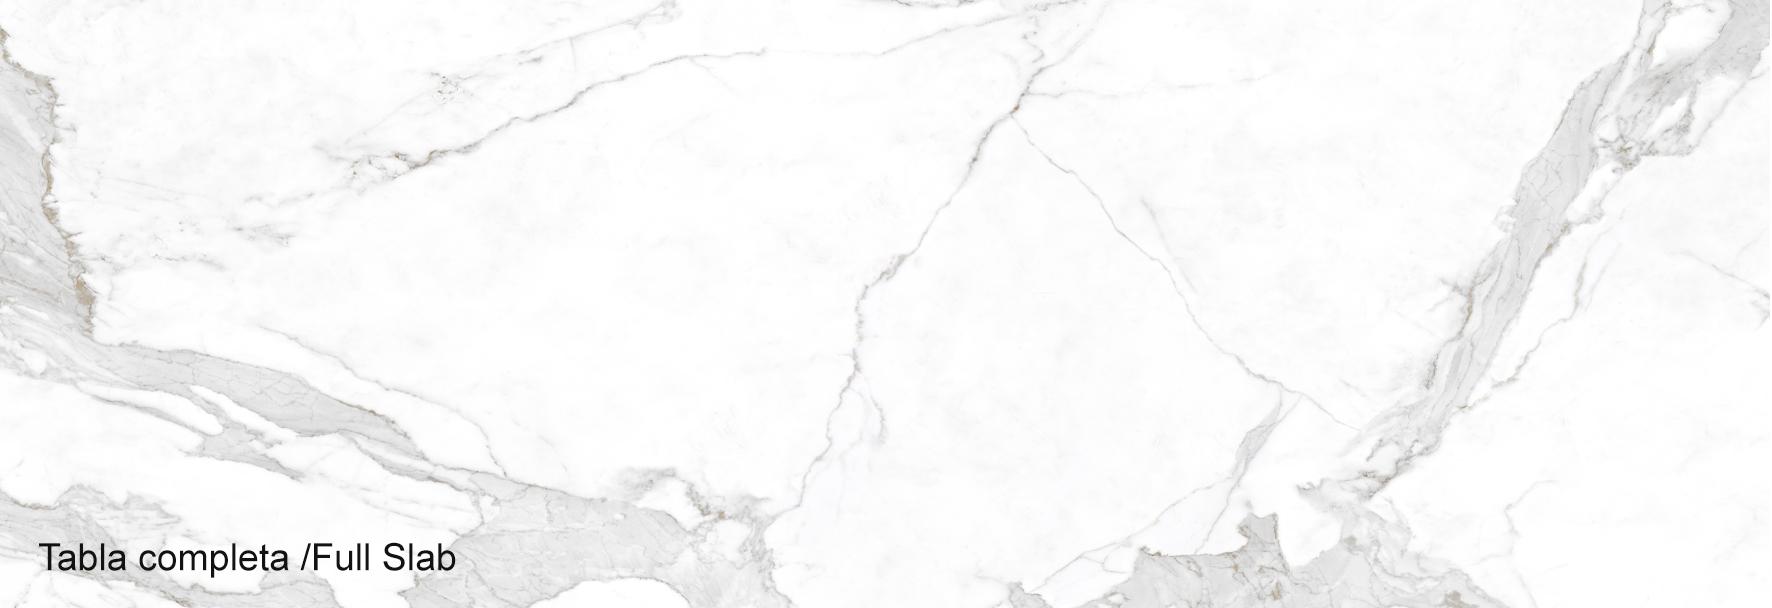 SPIEKI KWARCOWE NEOLITH, kolor ESTATUARIO 01, wzór płyty